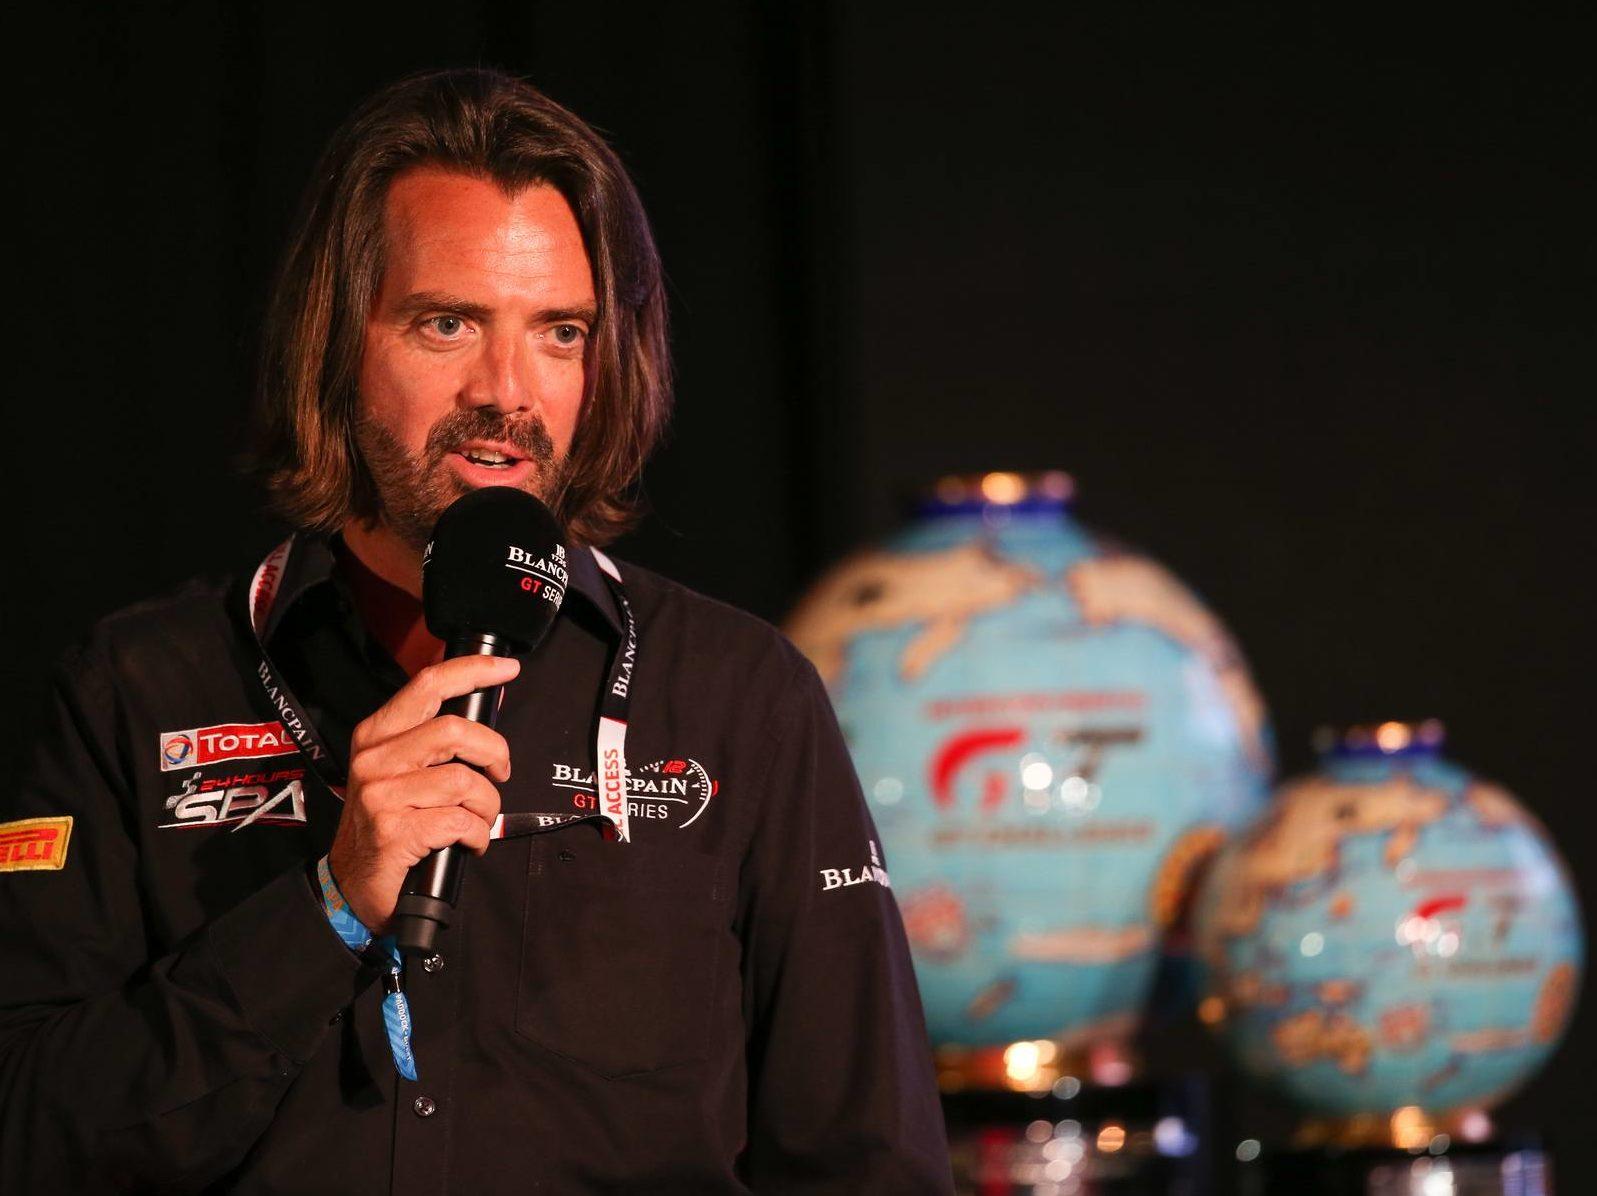 Stephane Ratel - CEO SRO Motorsports Group